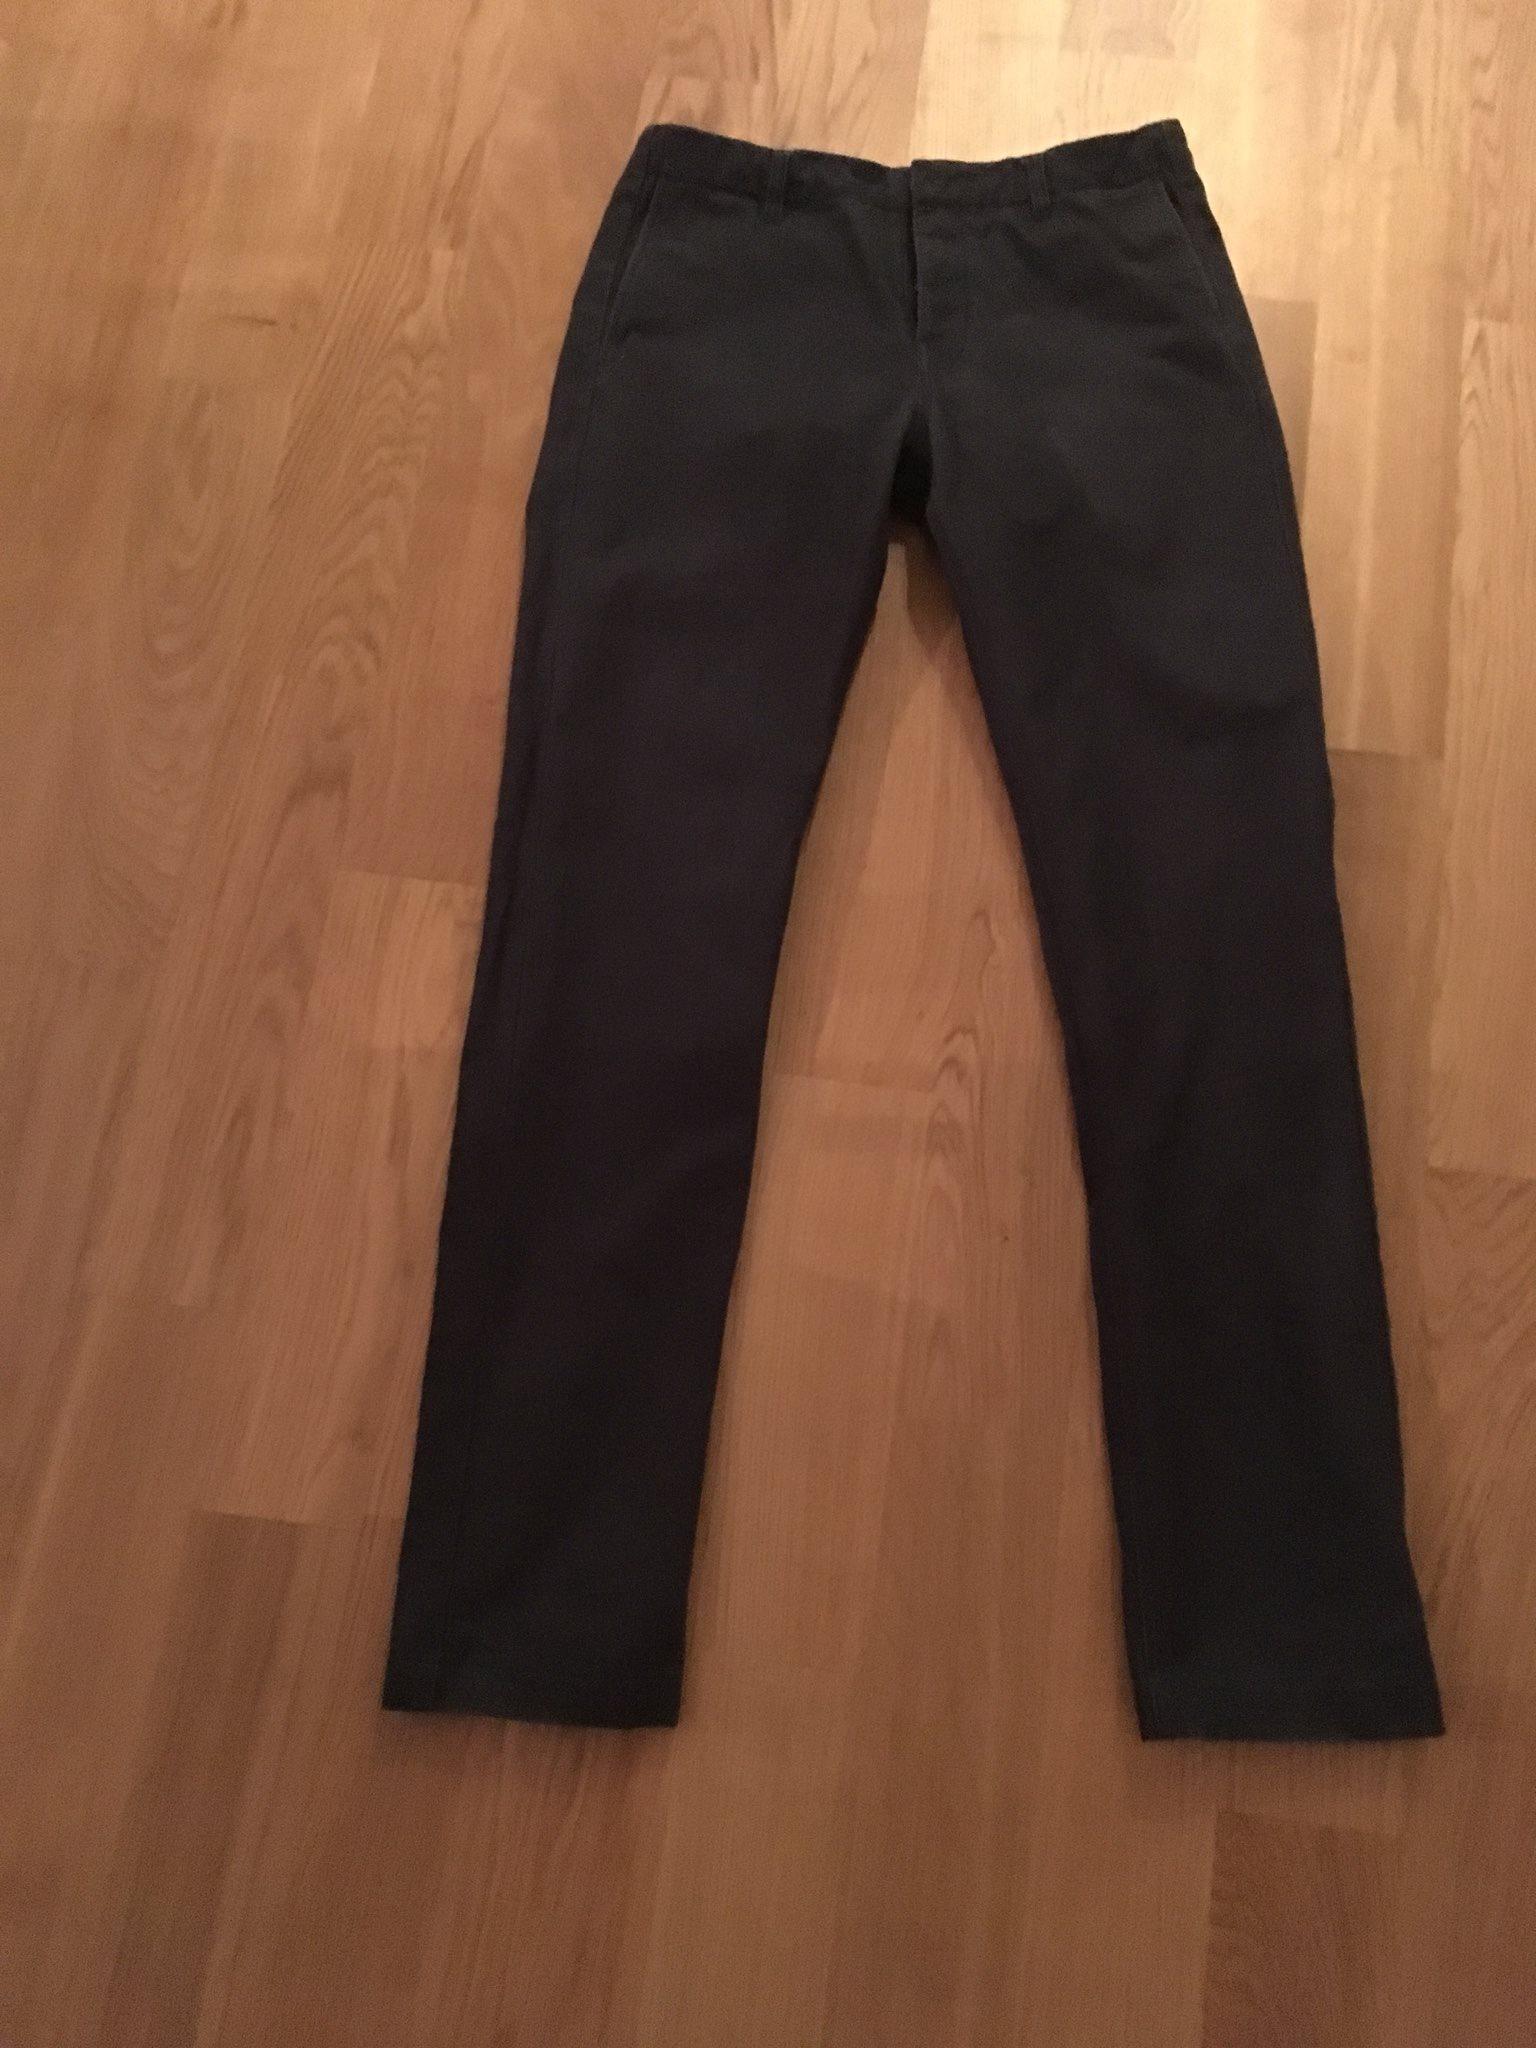 Filippa K grå chinos (moleskin) storlek 48 (337201603) ᐈ Köp på Tradera 76770a5a5b4b7